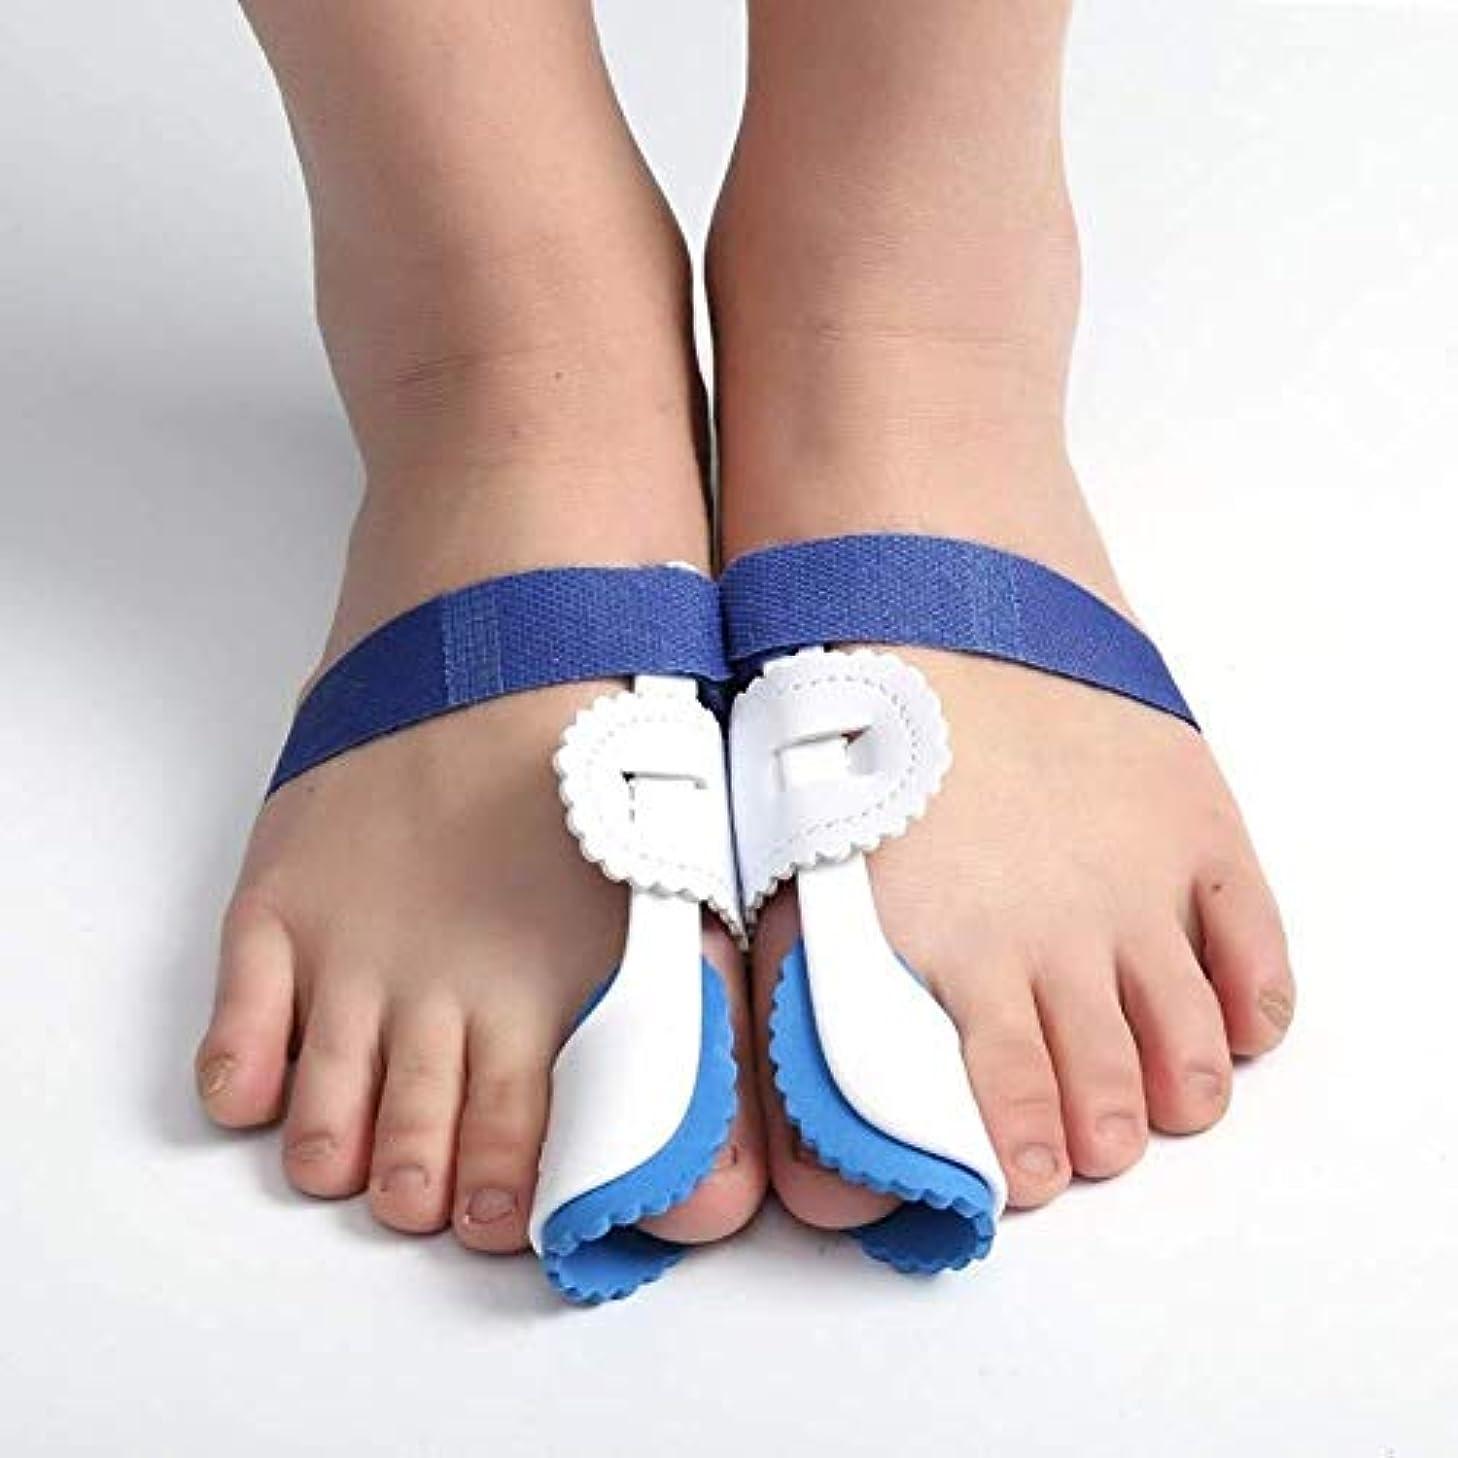 ドアミラーあえぎ証書足の親指の装具の足プロテクター、外反母趾装具ブレース外反母趾のための調節可能なベルクロの足の毛のストレート